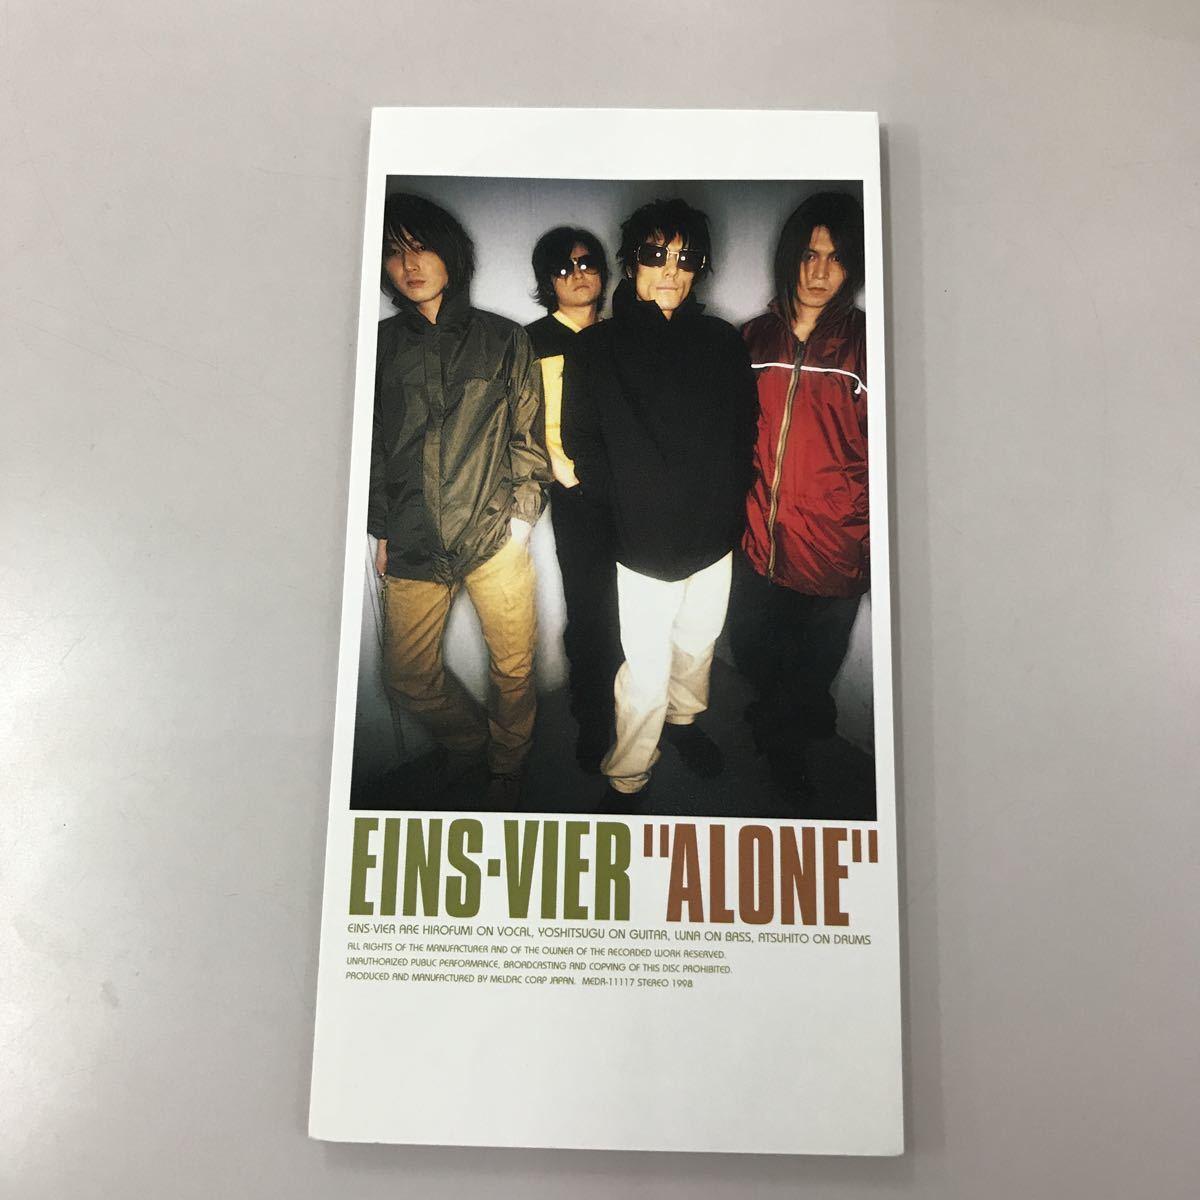 シングルCD 8センチ 中古【邦楽】長期保存品 アインスフィア ALONE